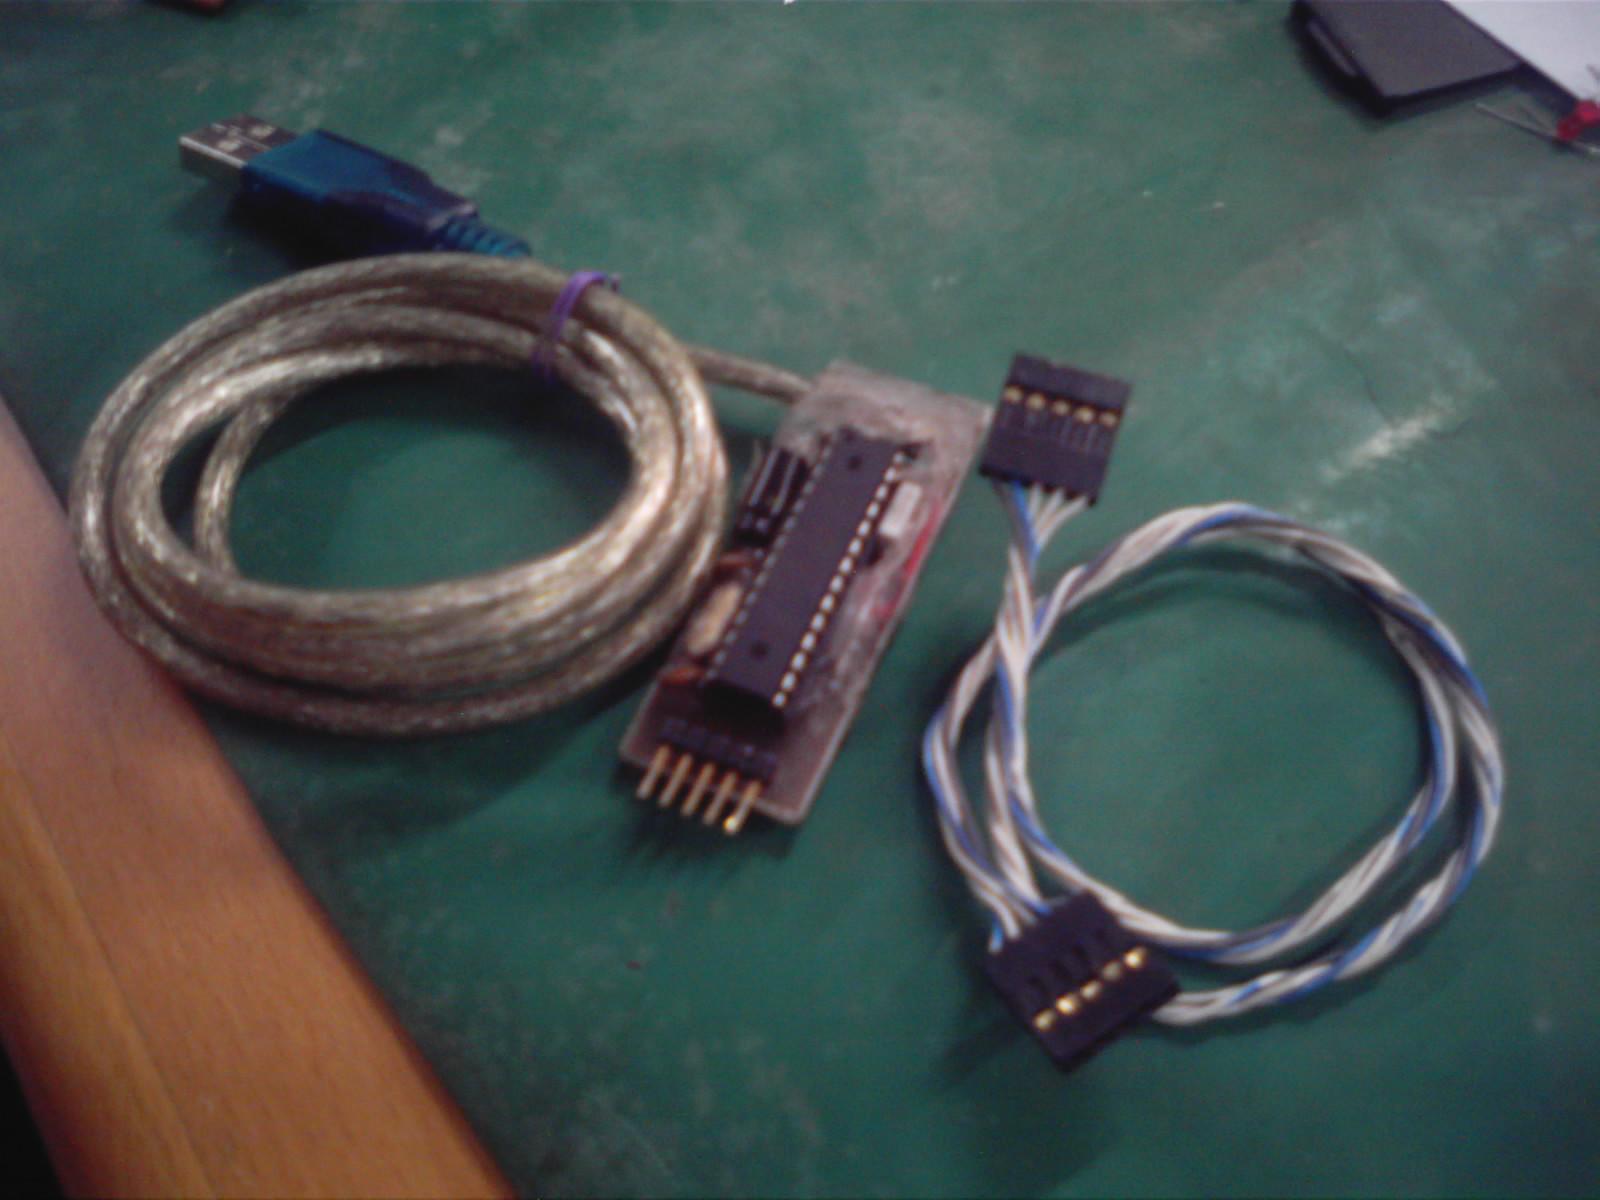 Uang Download Avr At89c2051 At89c4051 Usb Programmer Articlequot Circuit Kita Akan Mencoba Ngoprek Rangkaian Elektronika Digital Dan Analog Juga Sebagian Dalam Satu Keping Ic Caranya Ya Diprogram